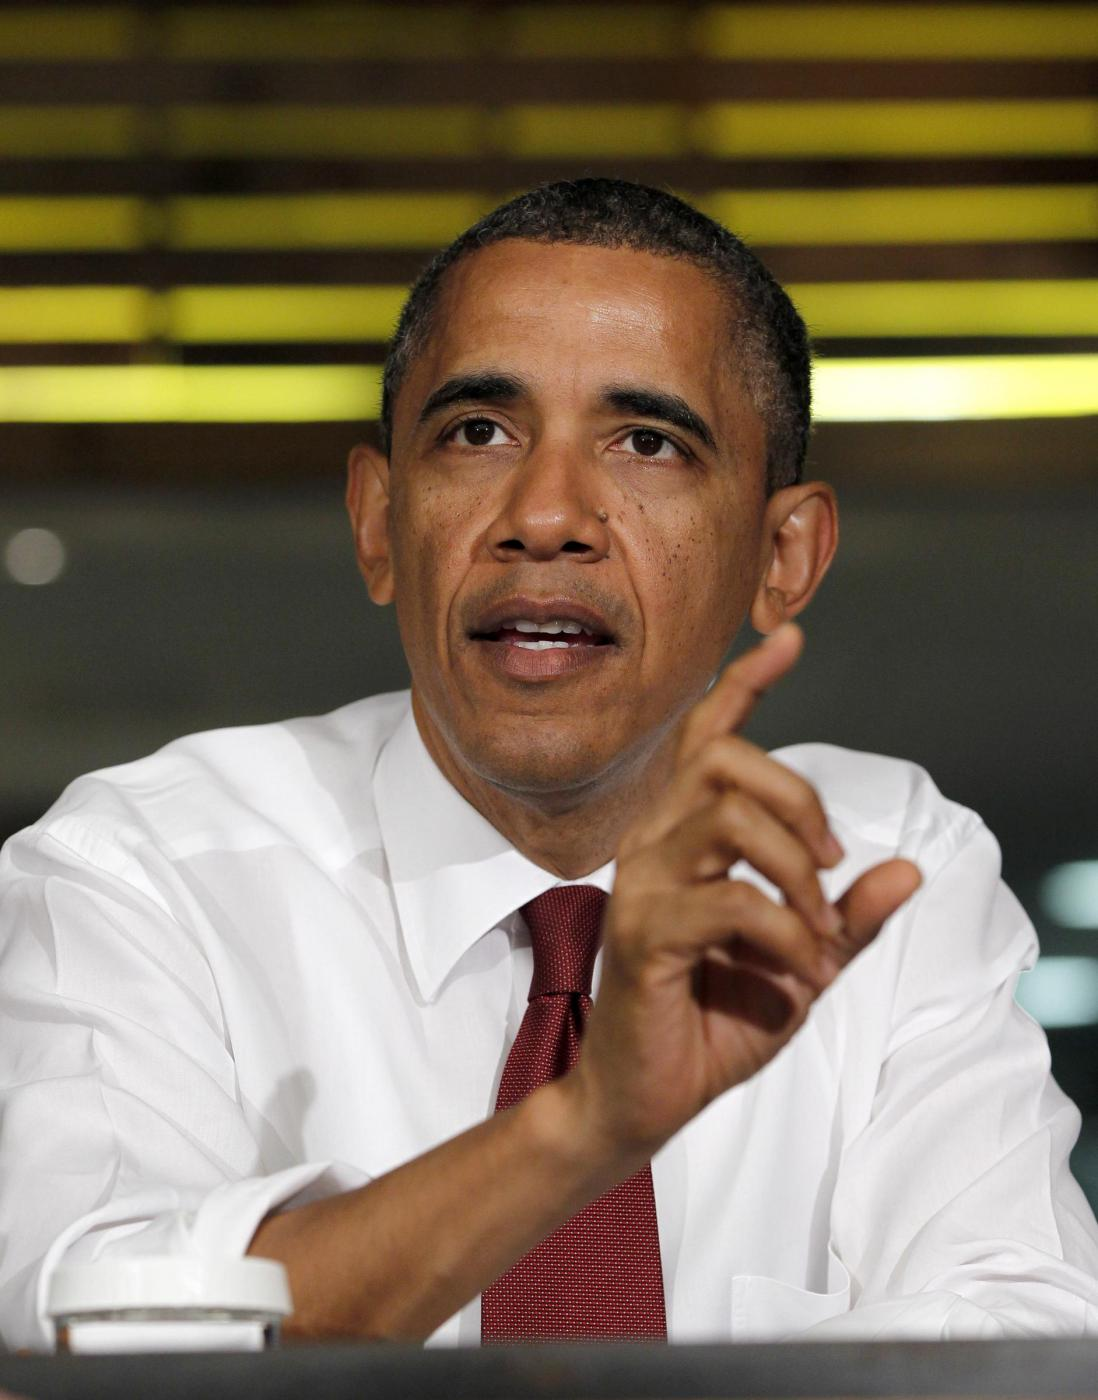 Barack Obama in paninoteca a Washington 05